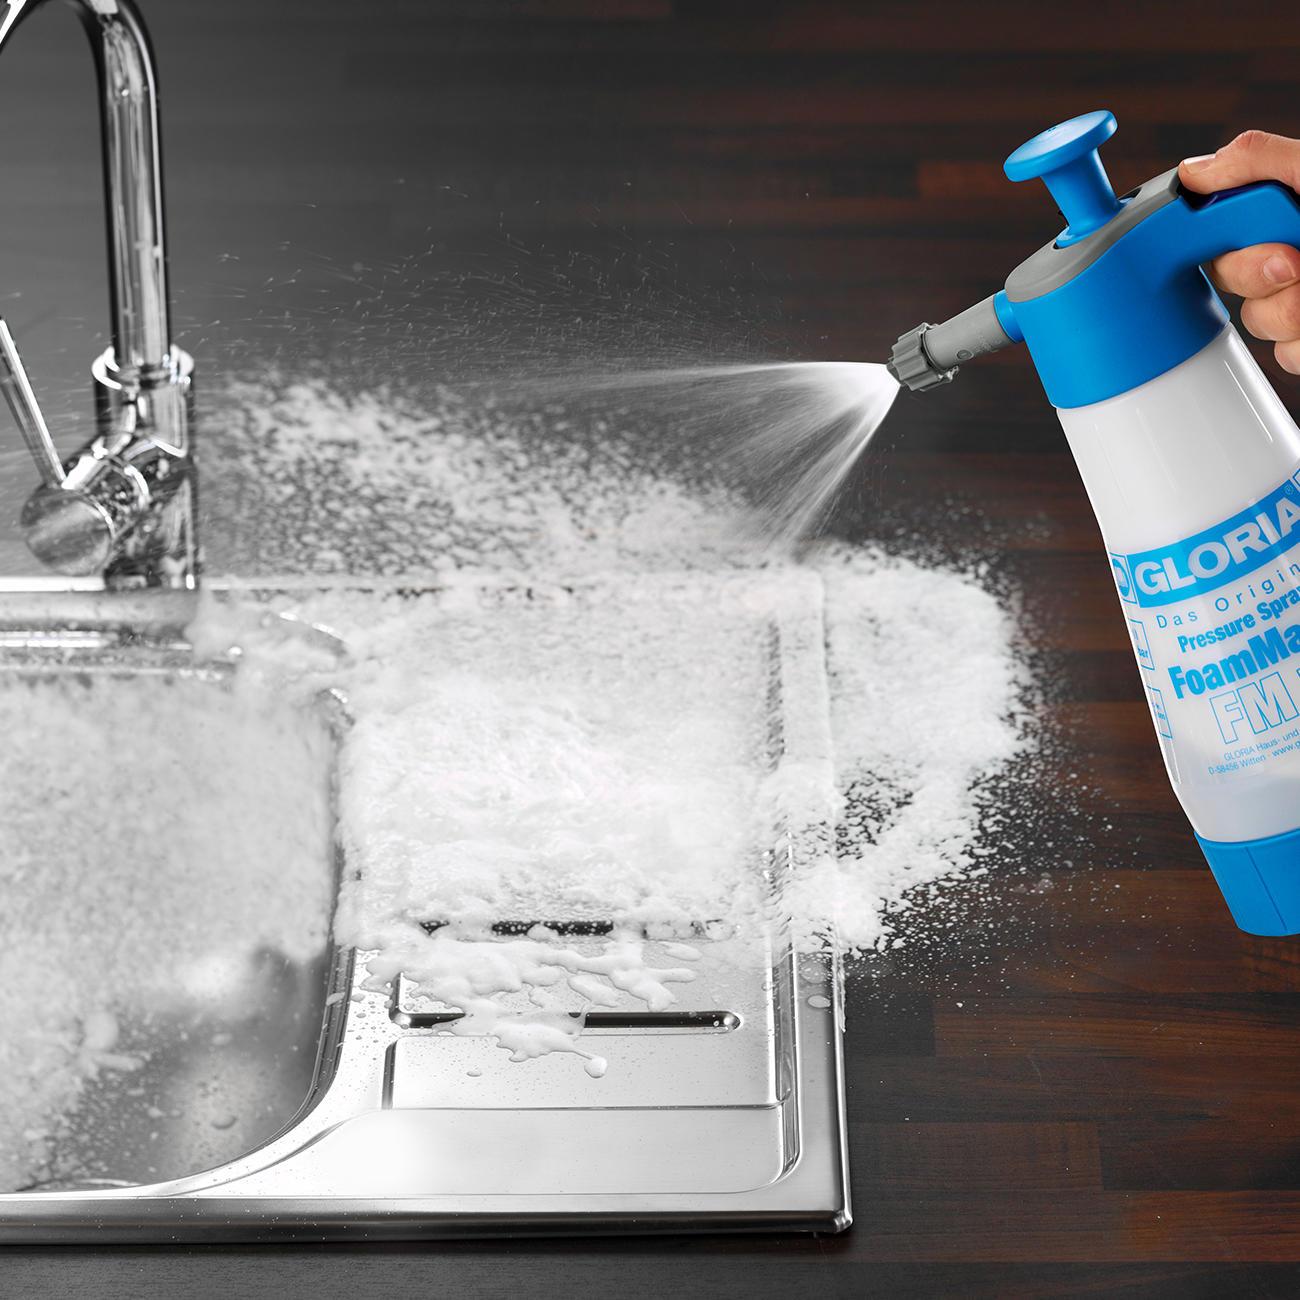 Gloriar foammaster 3 jahre garantie pro idee for Pro idee küche